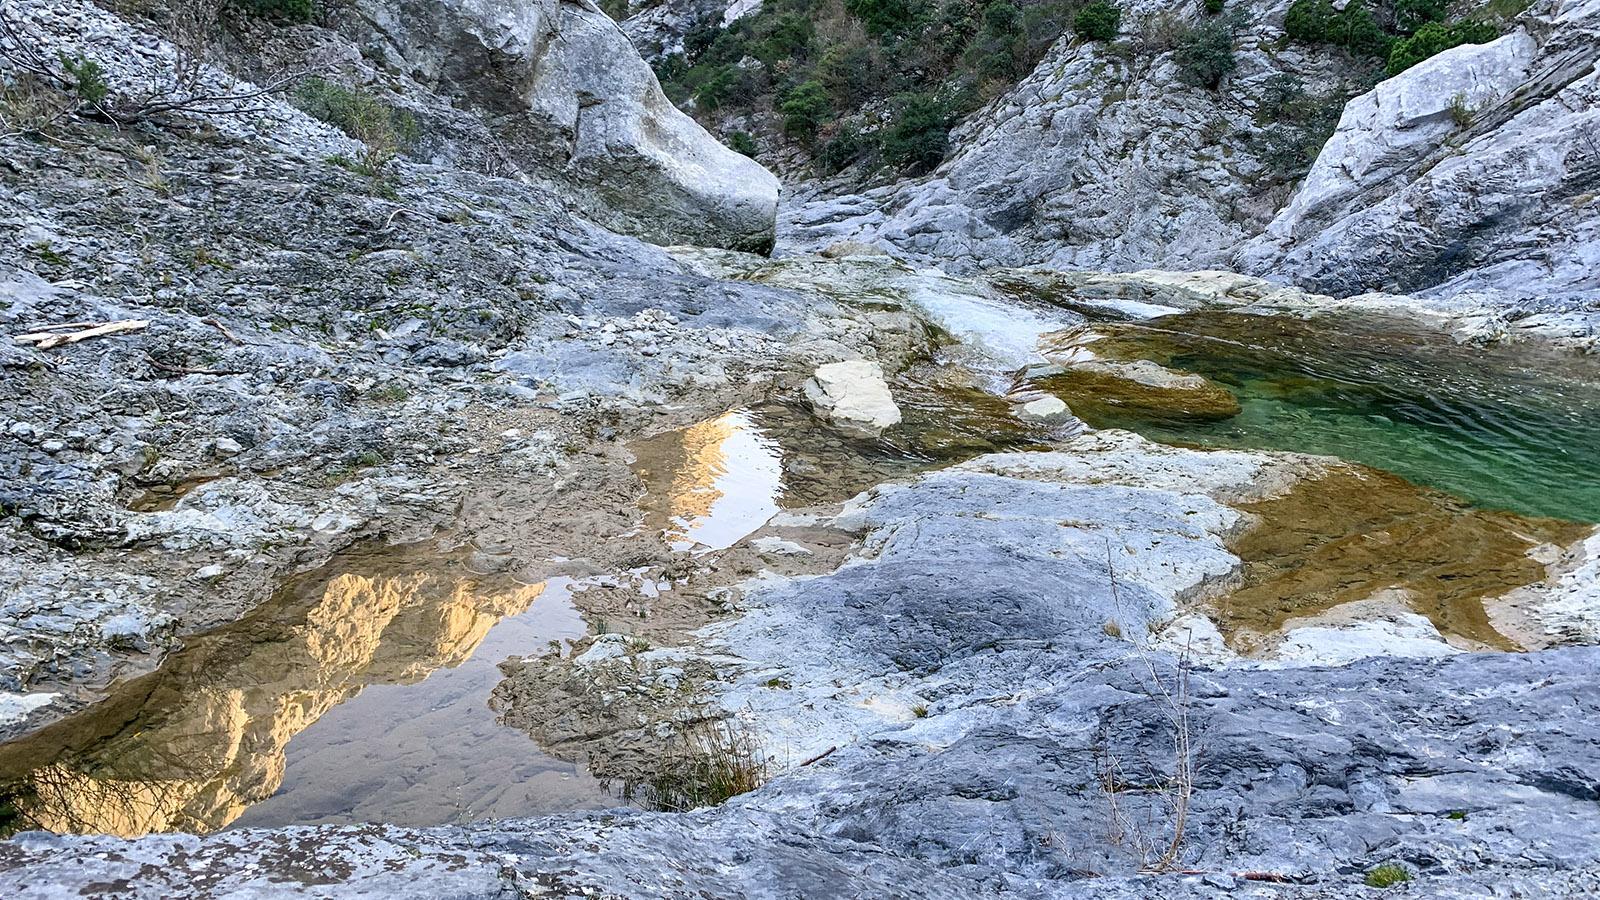 Winterliche Erkundung im Bett des Agly in den Gorges de Galamus. Foto: Hilke Maunder